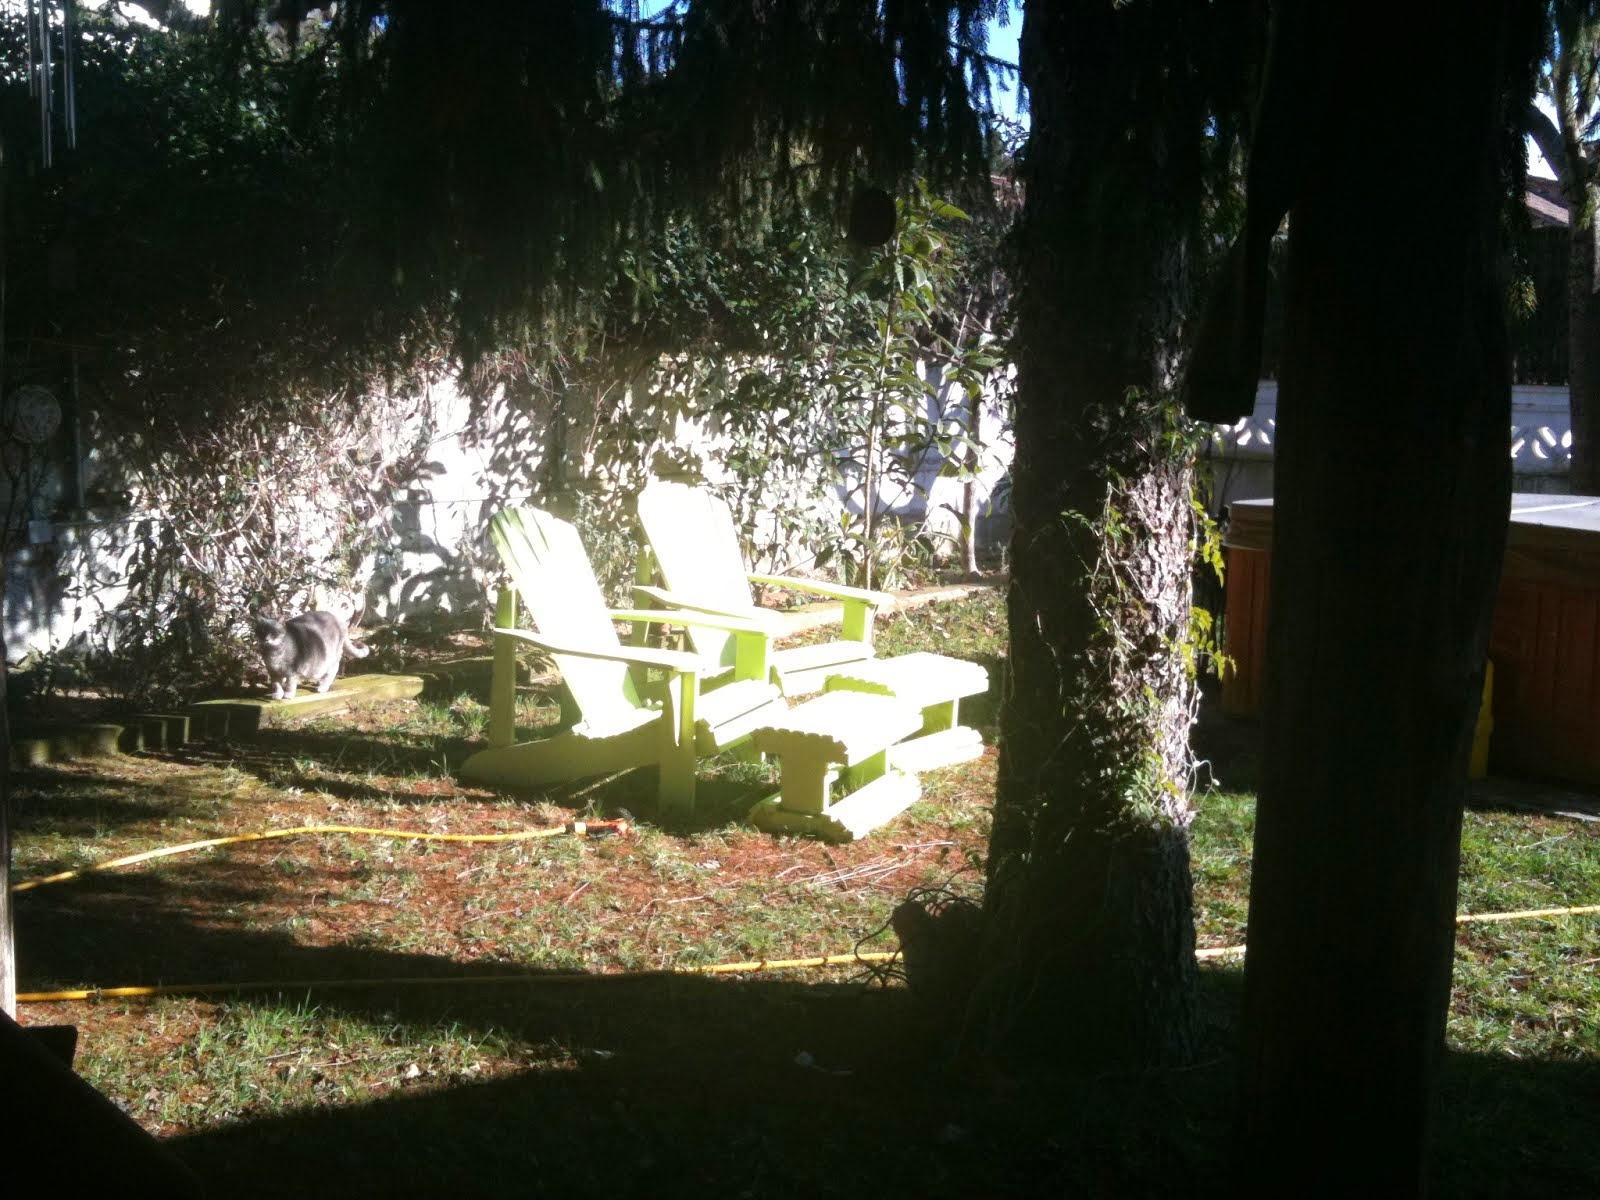 jardi tranquil i aillat